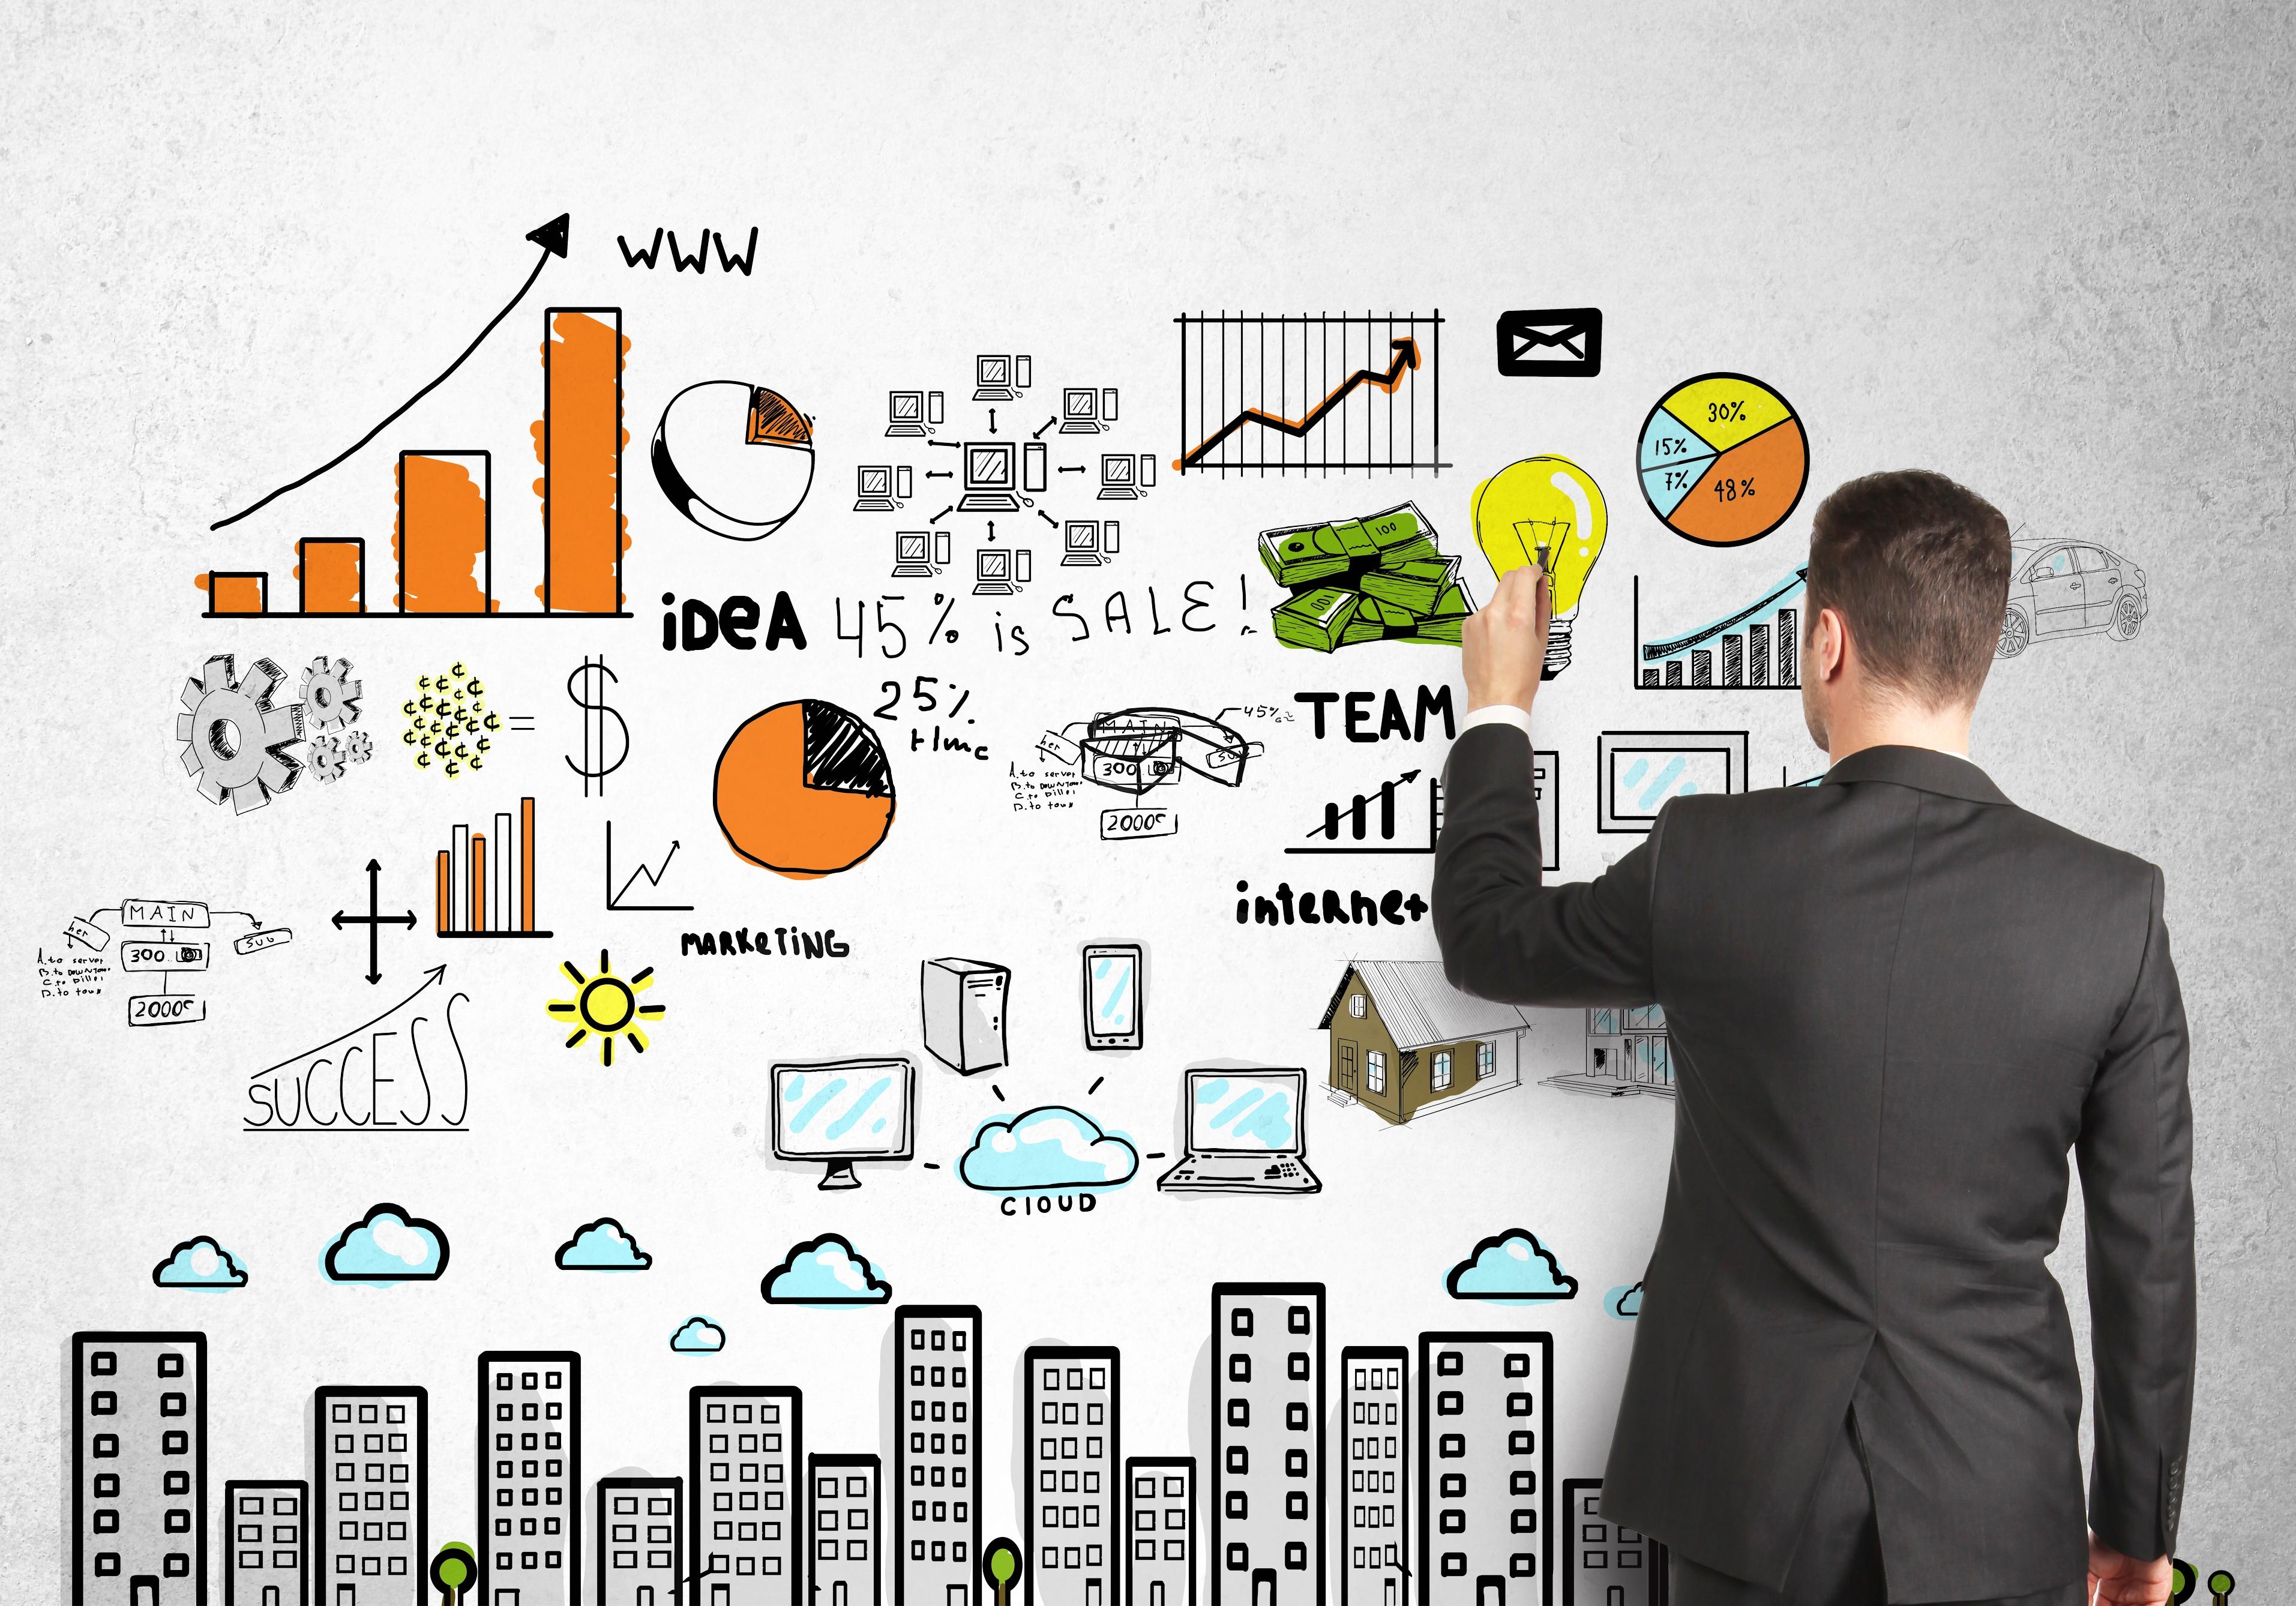 Tổng Hợp Các Chia Sẻ Về Marketing / Truyền Thông 2019